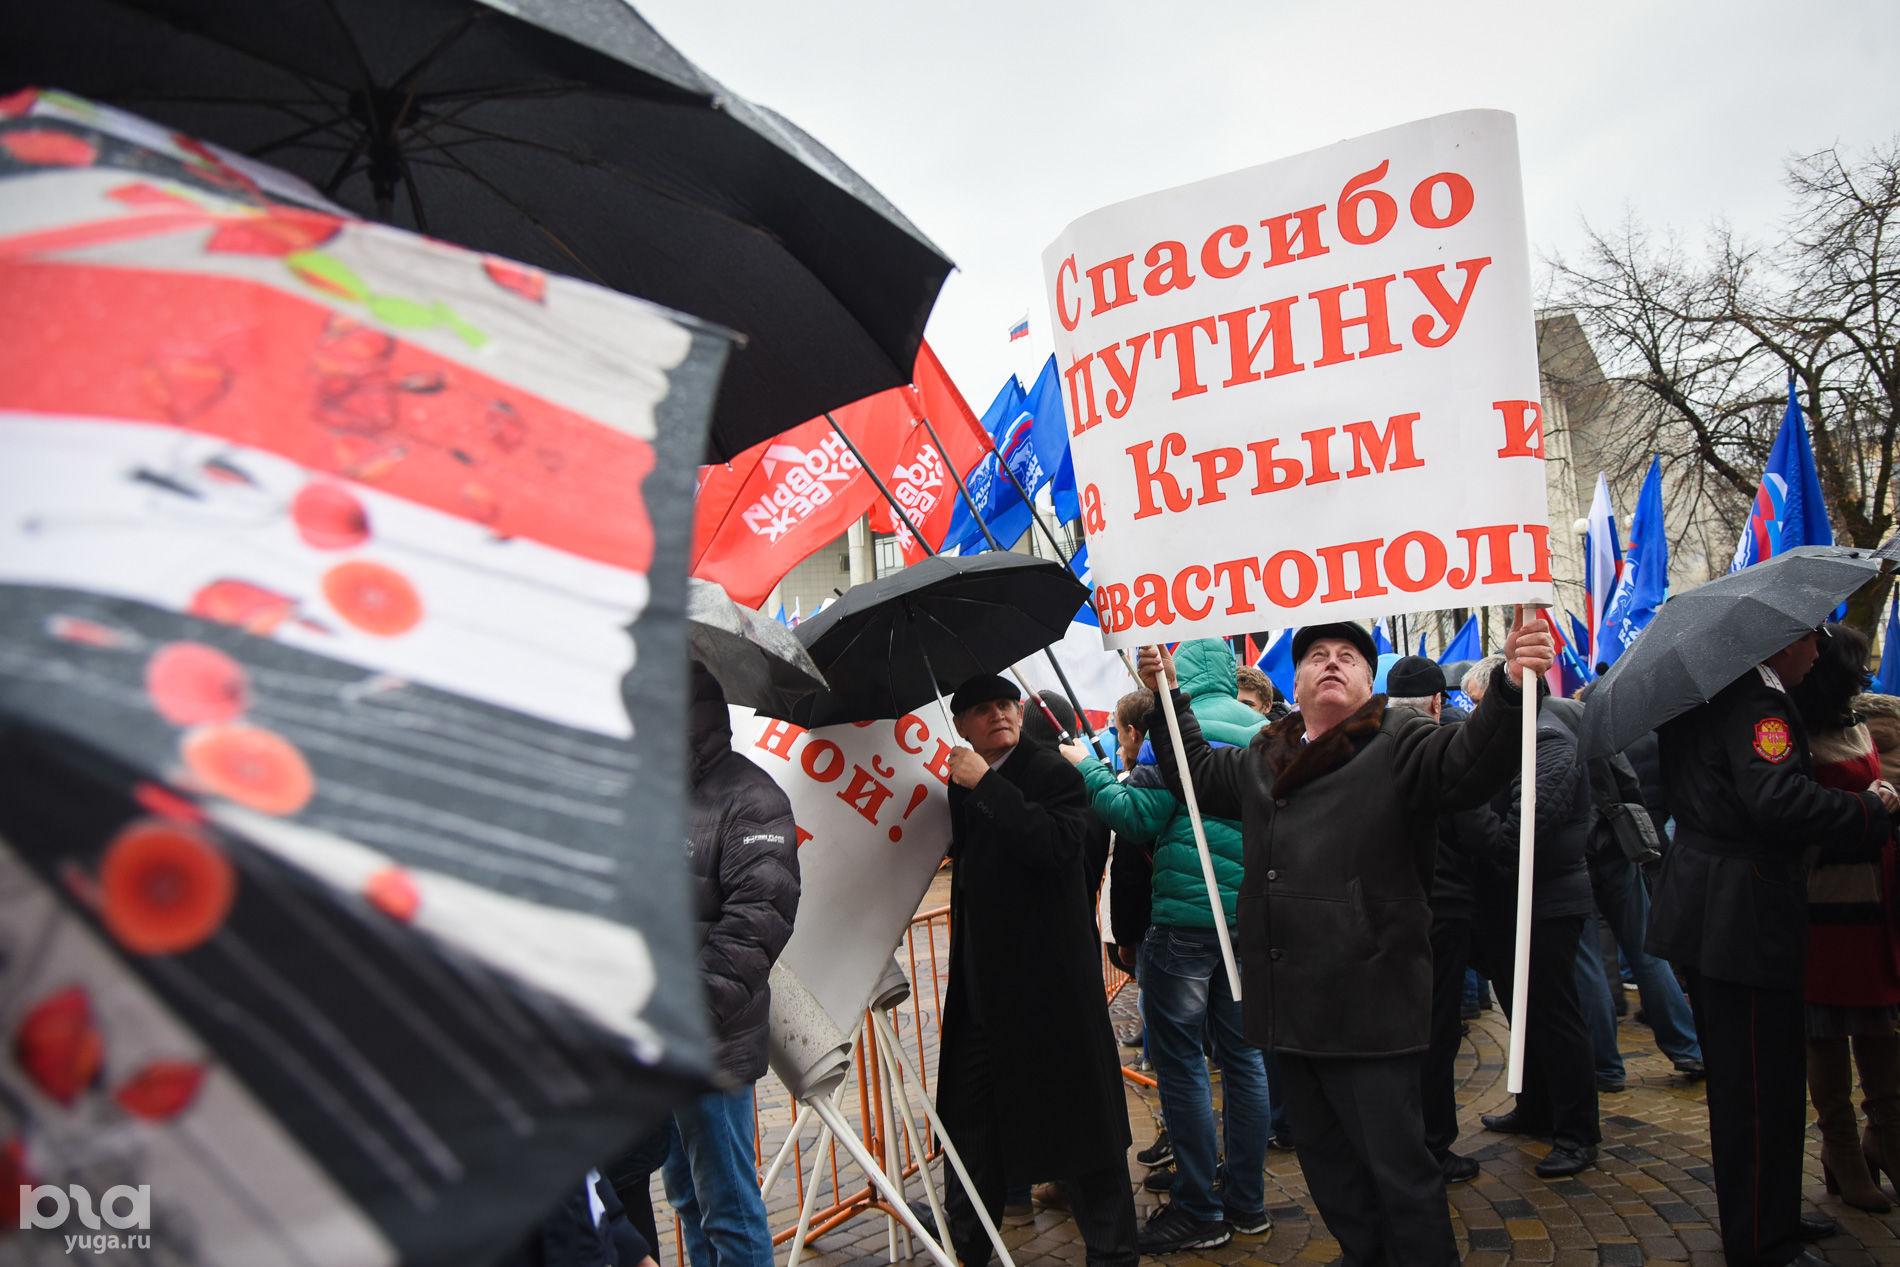 день присоединения крыма к россии пожалуй